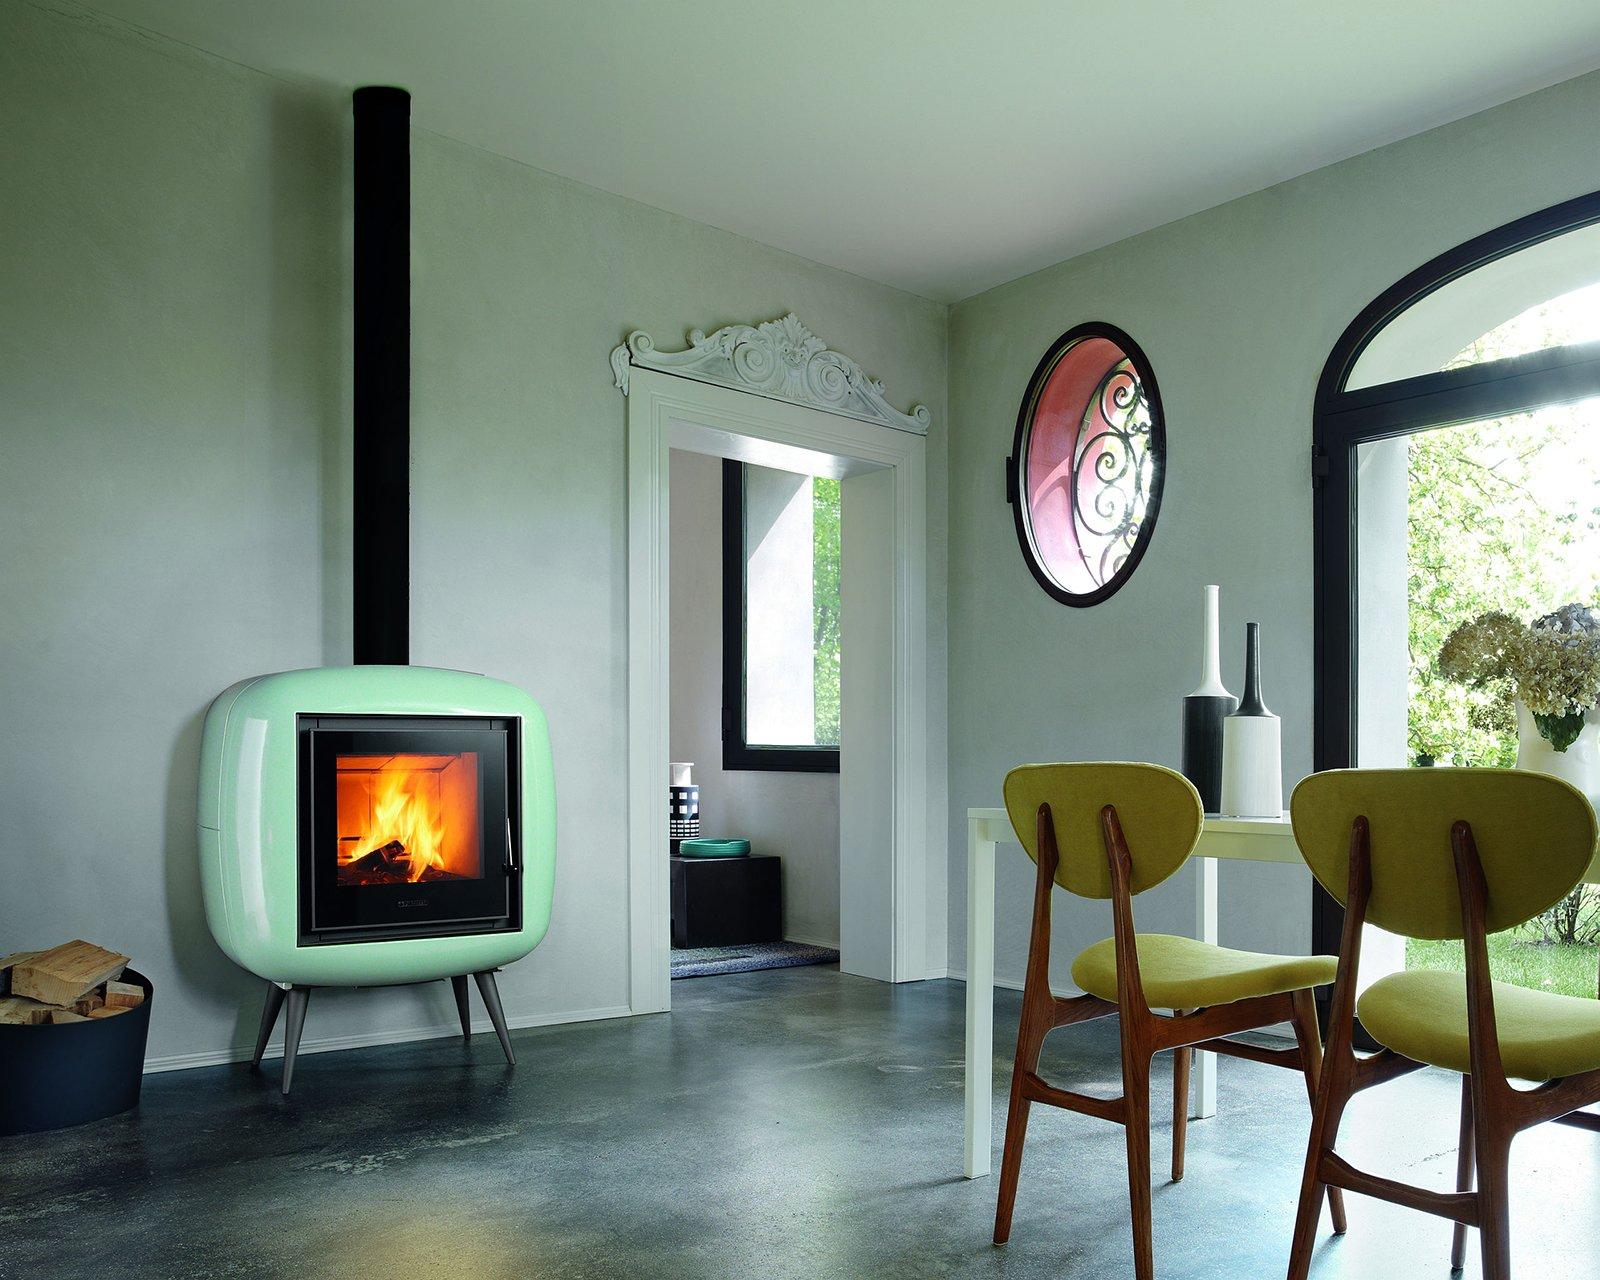 Stufe a pellet perfette anche nelle mezze stagioni cose di casa for Stufe a legna immagini